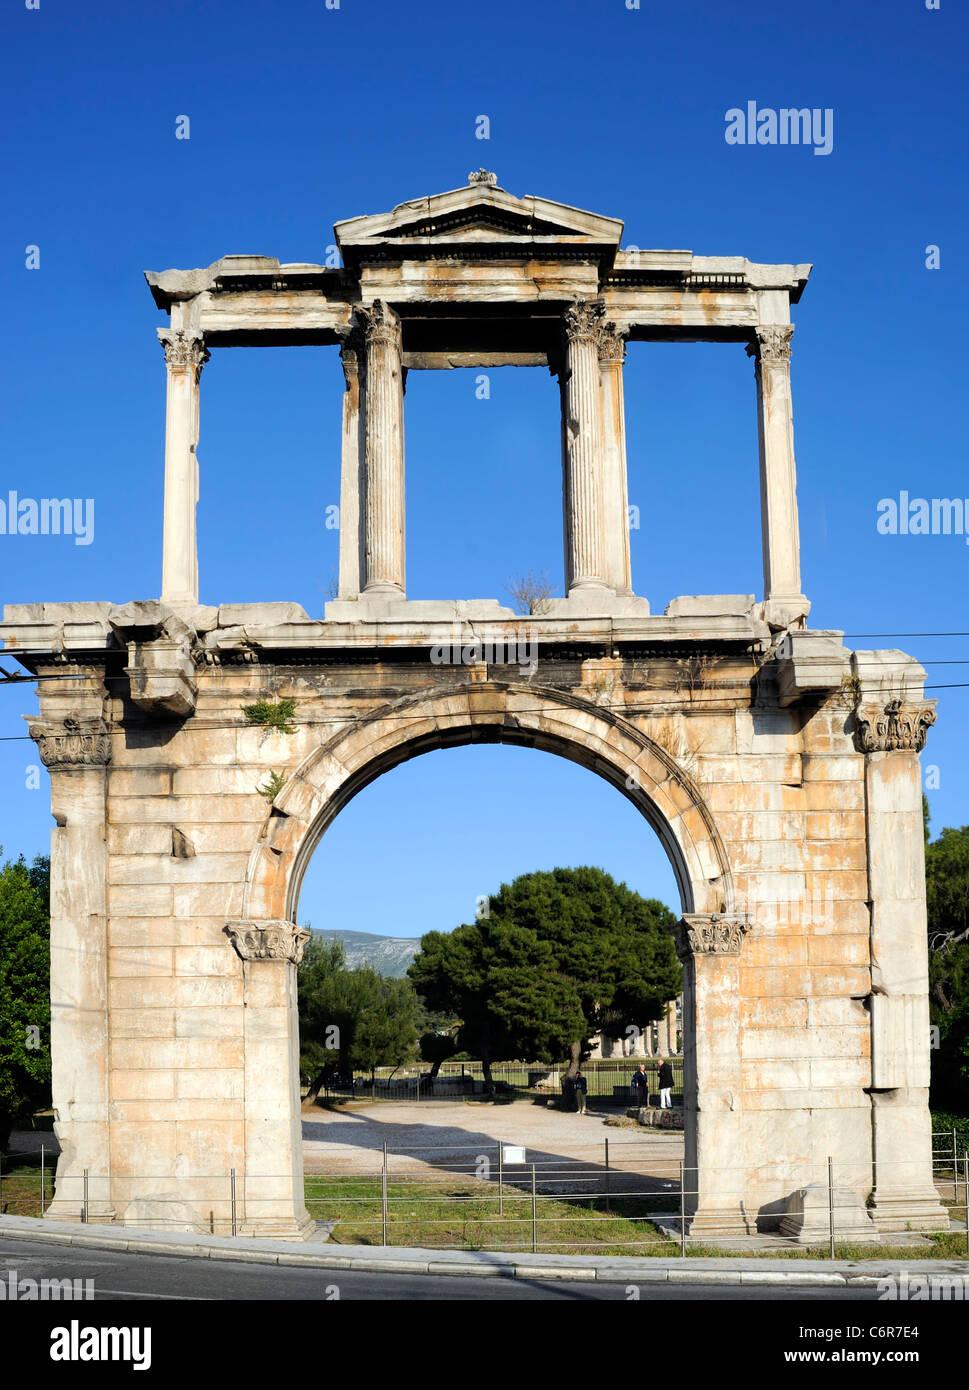 Atene, Atene, Grecia, l'arco di Adriano, che è uno dei monumenti greci ellenistici antichi Foto Stock